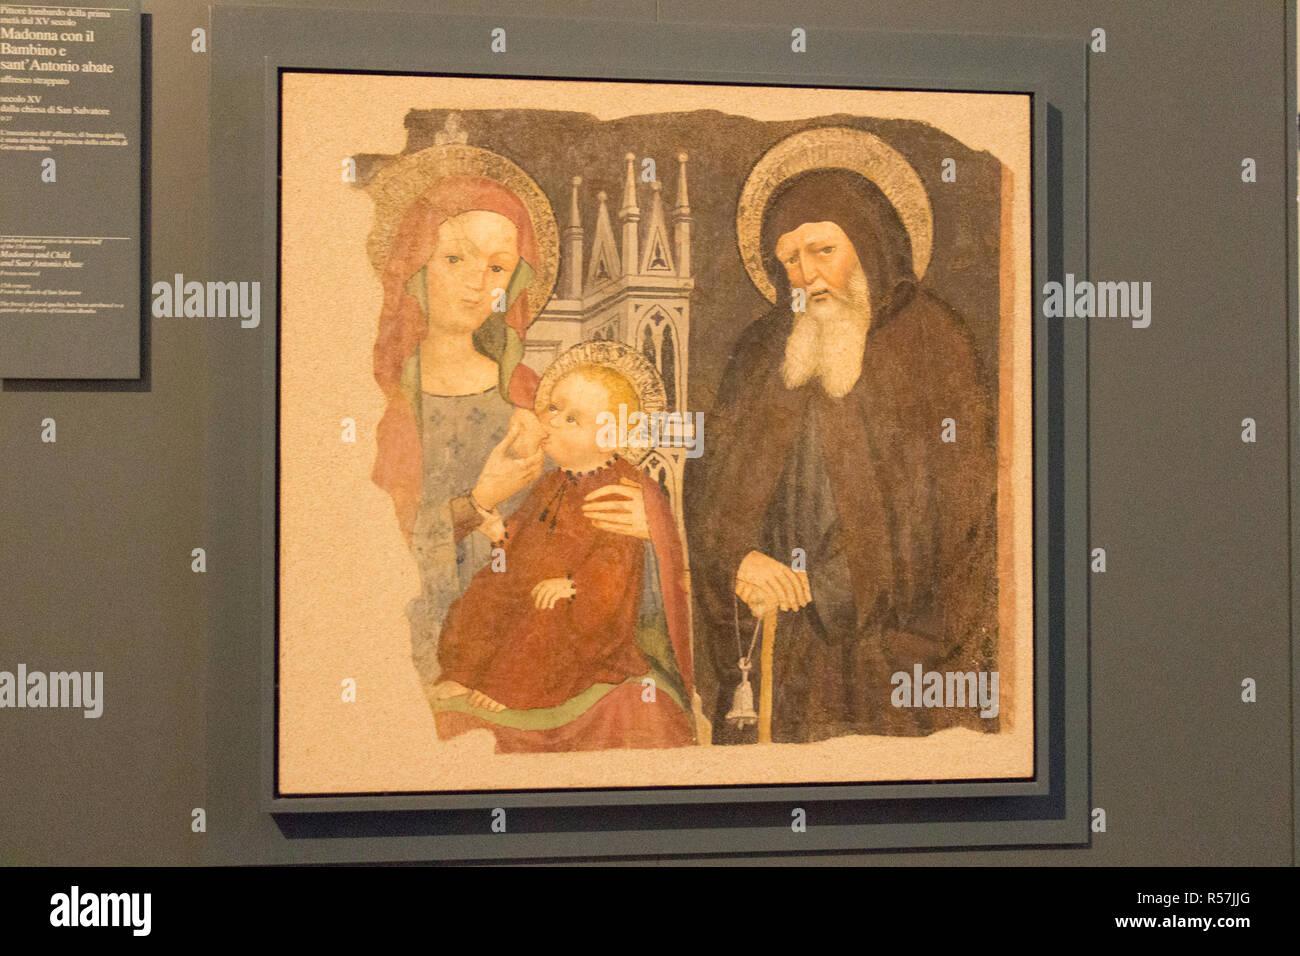 Dipinti Murali E Pittura Ad Ago : Litalia lombardia 24 dicembre 2017: la vista di pitture murali